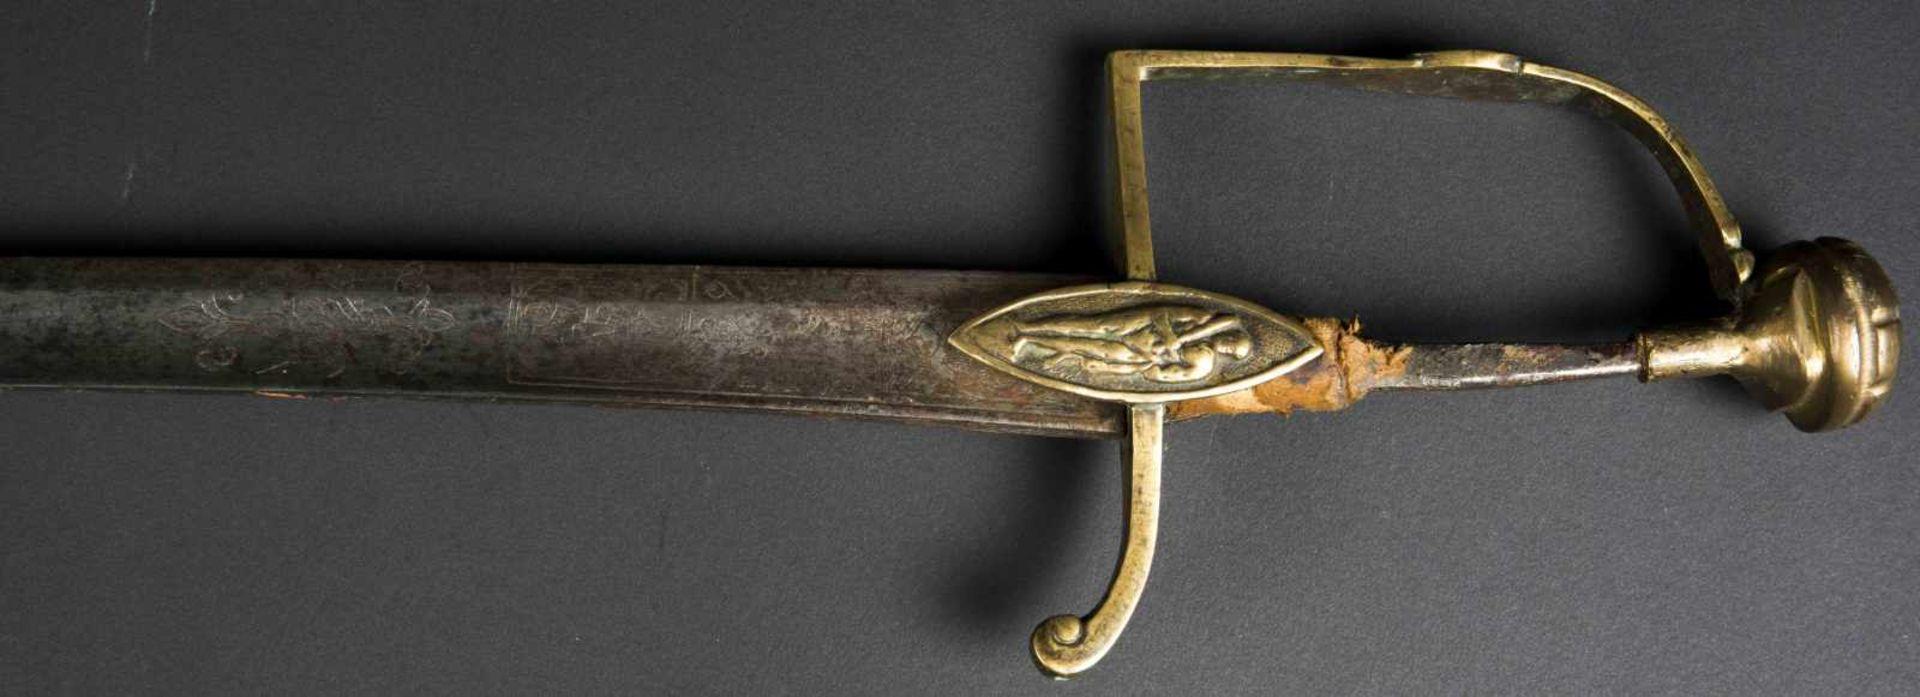 Epée de sous-officier du Génie modèle 1884 monture en bronze doré avec grenade argent sur la - Bild 2 aus 4